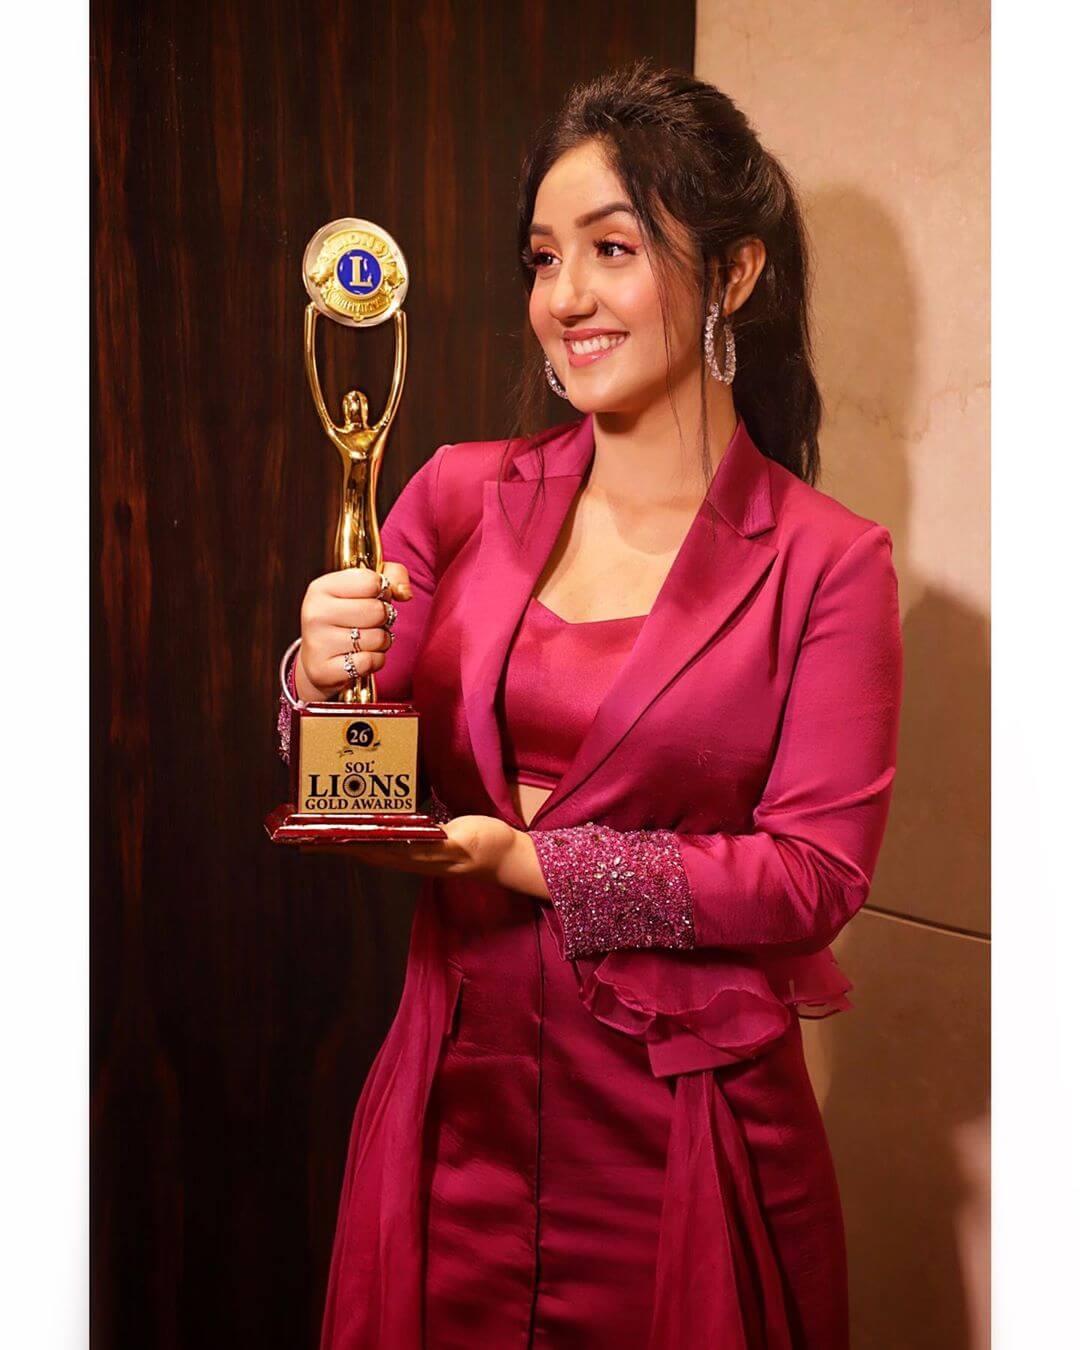 ashnoor kaur awards and nominations